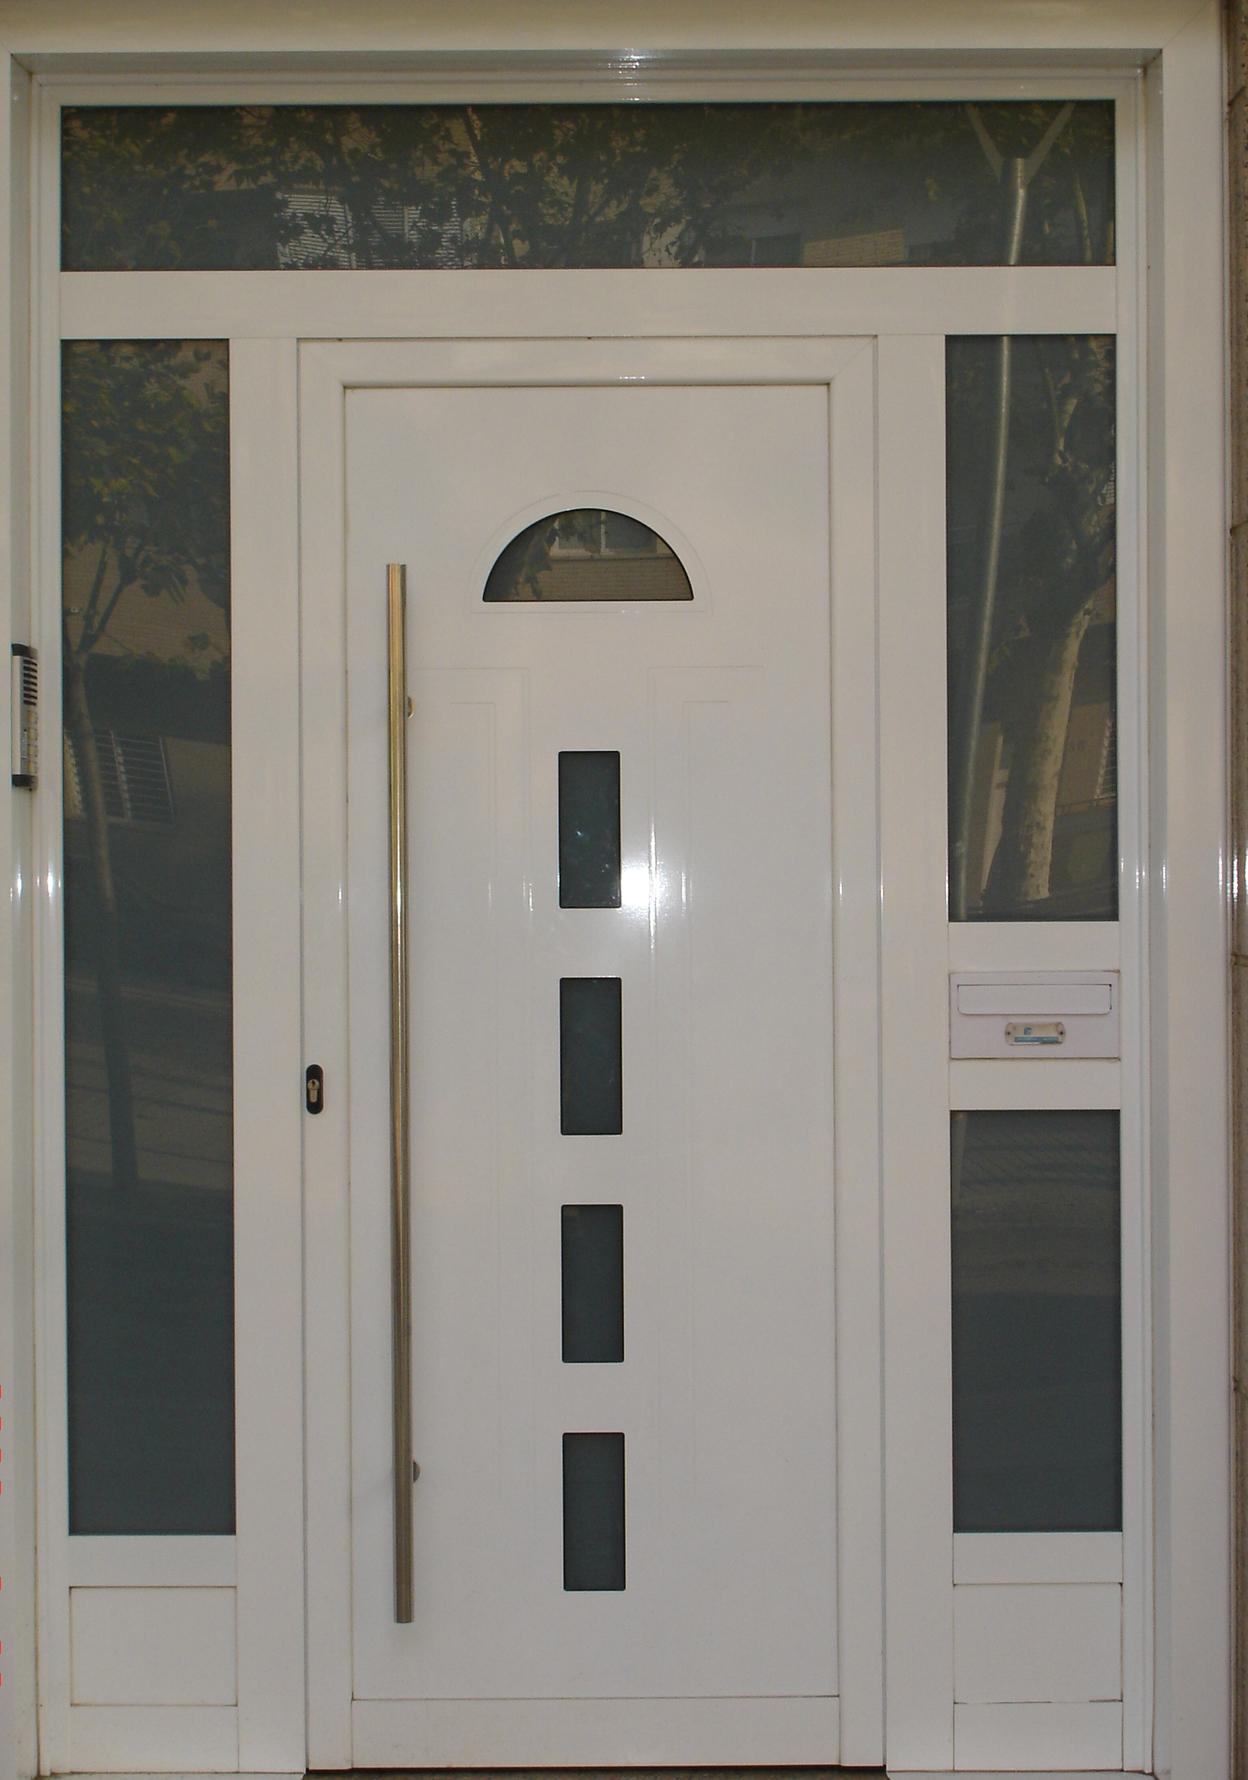 Grupo inoxmetal construcciones met lica for Modelos de puertas metalicas